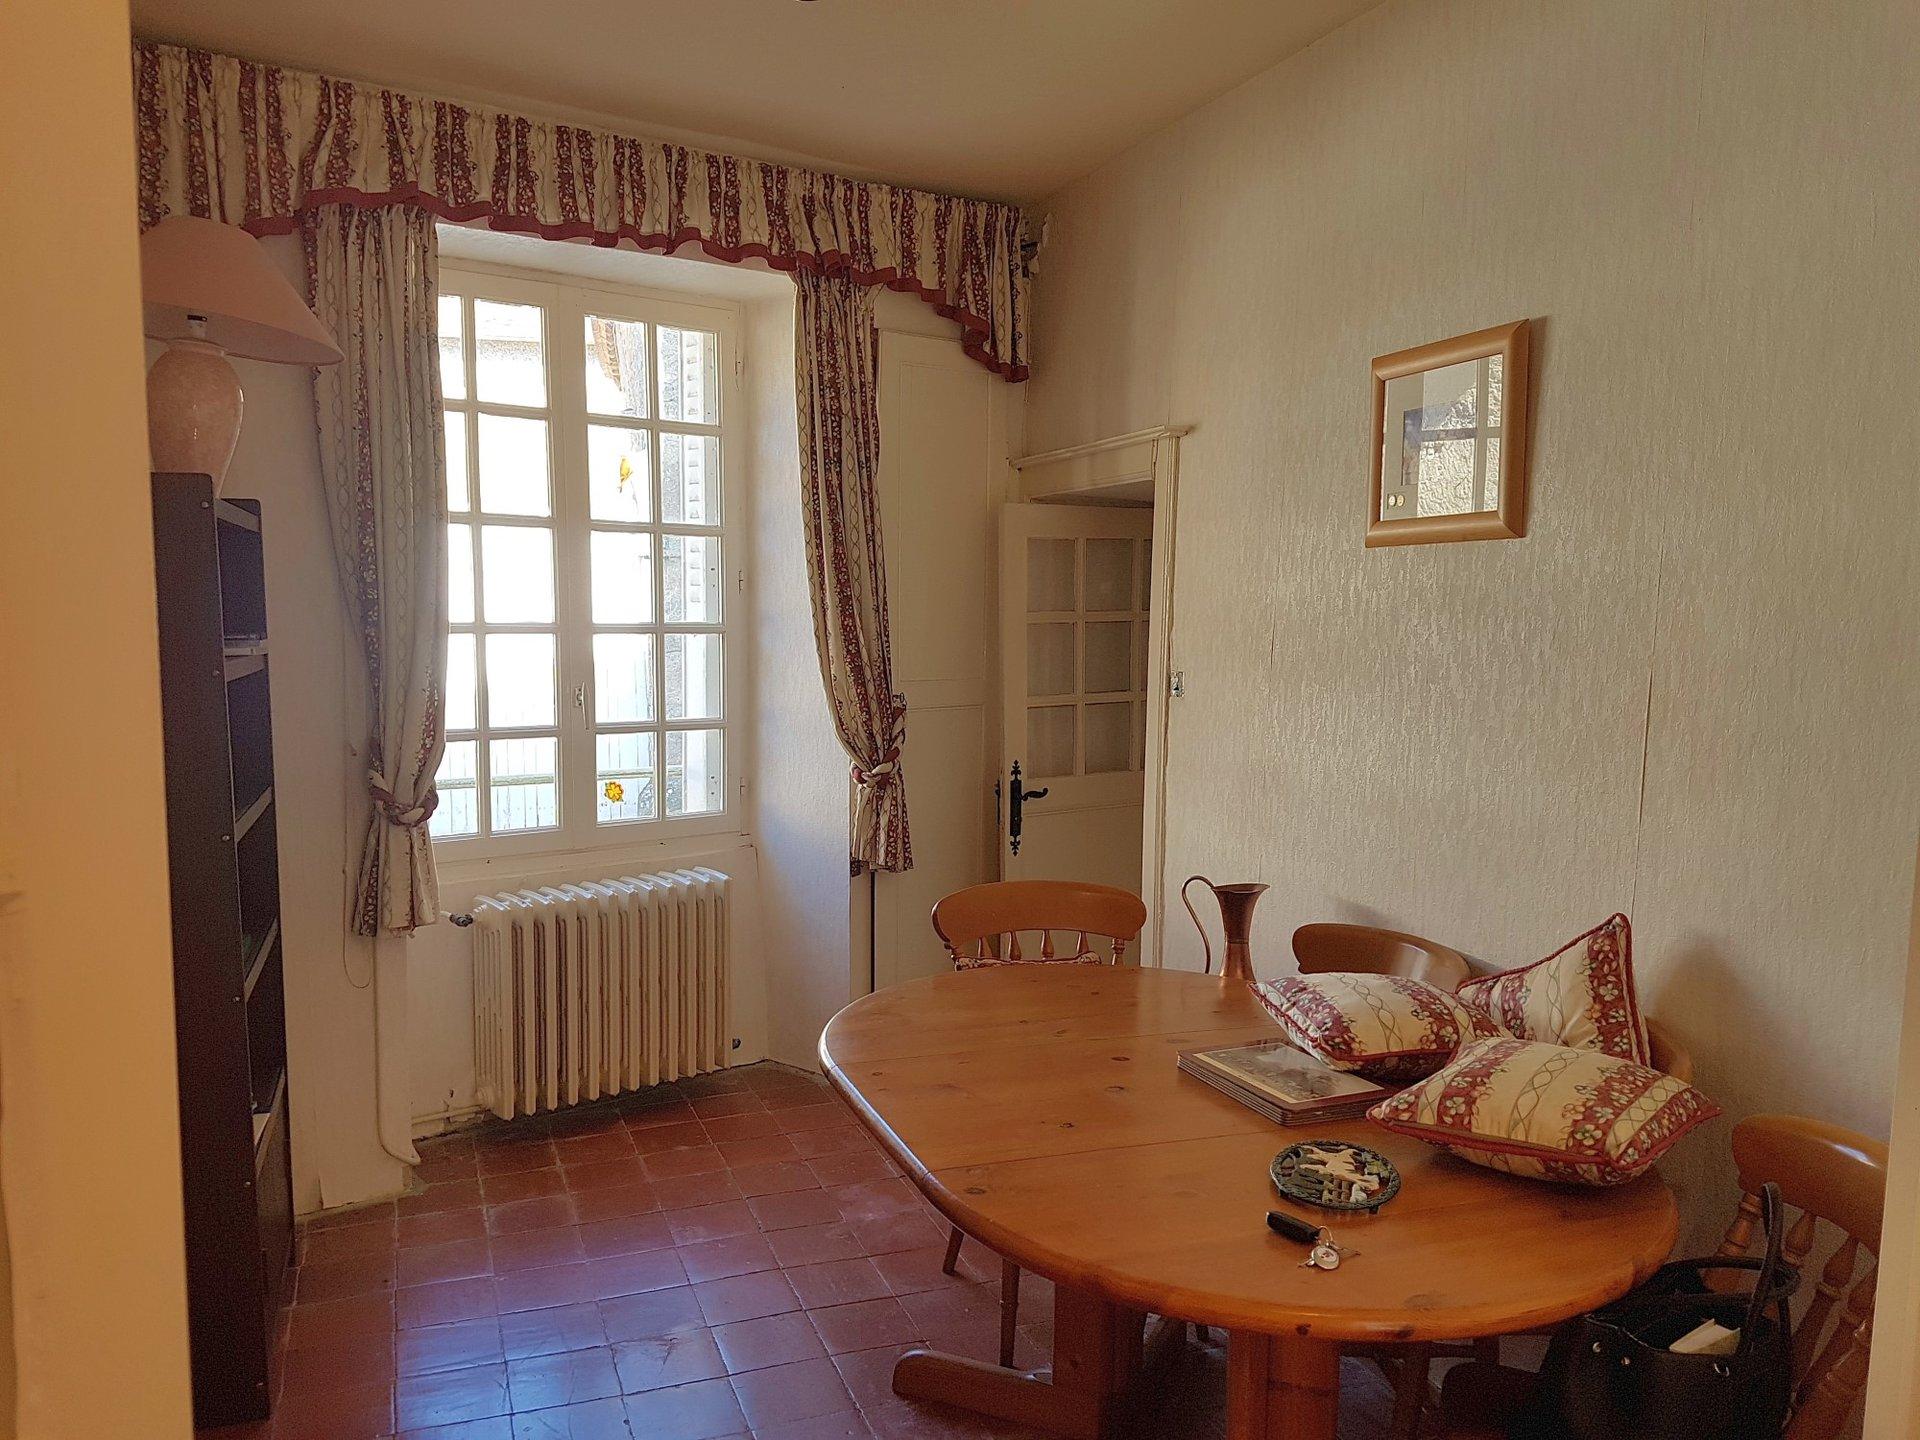 La Brenne, Indre 36: maison avec cour